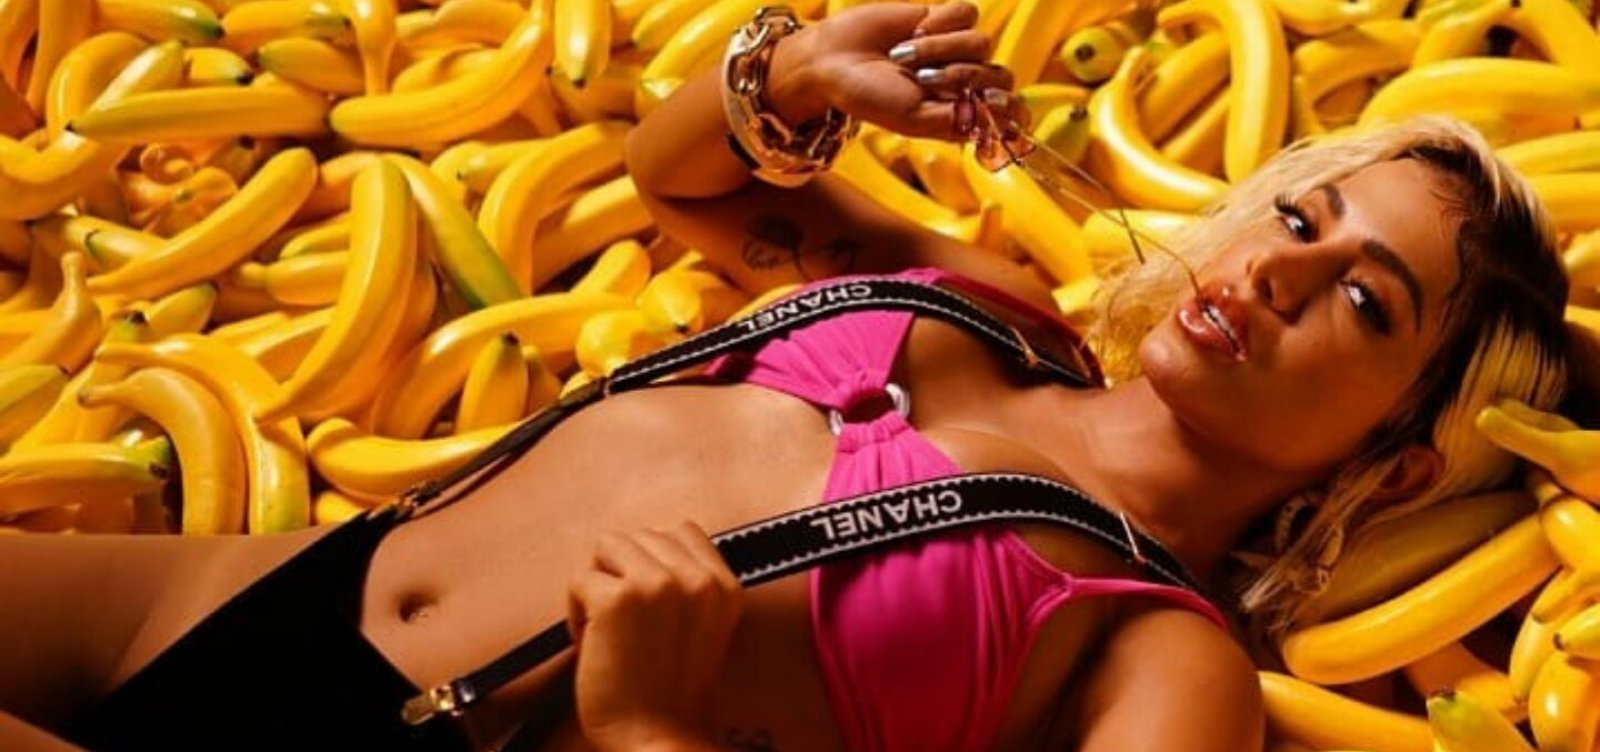 [Metrópole ouviu CD novo de Anitta que vazou; ela brilha, mas não empolga]